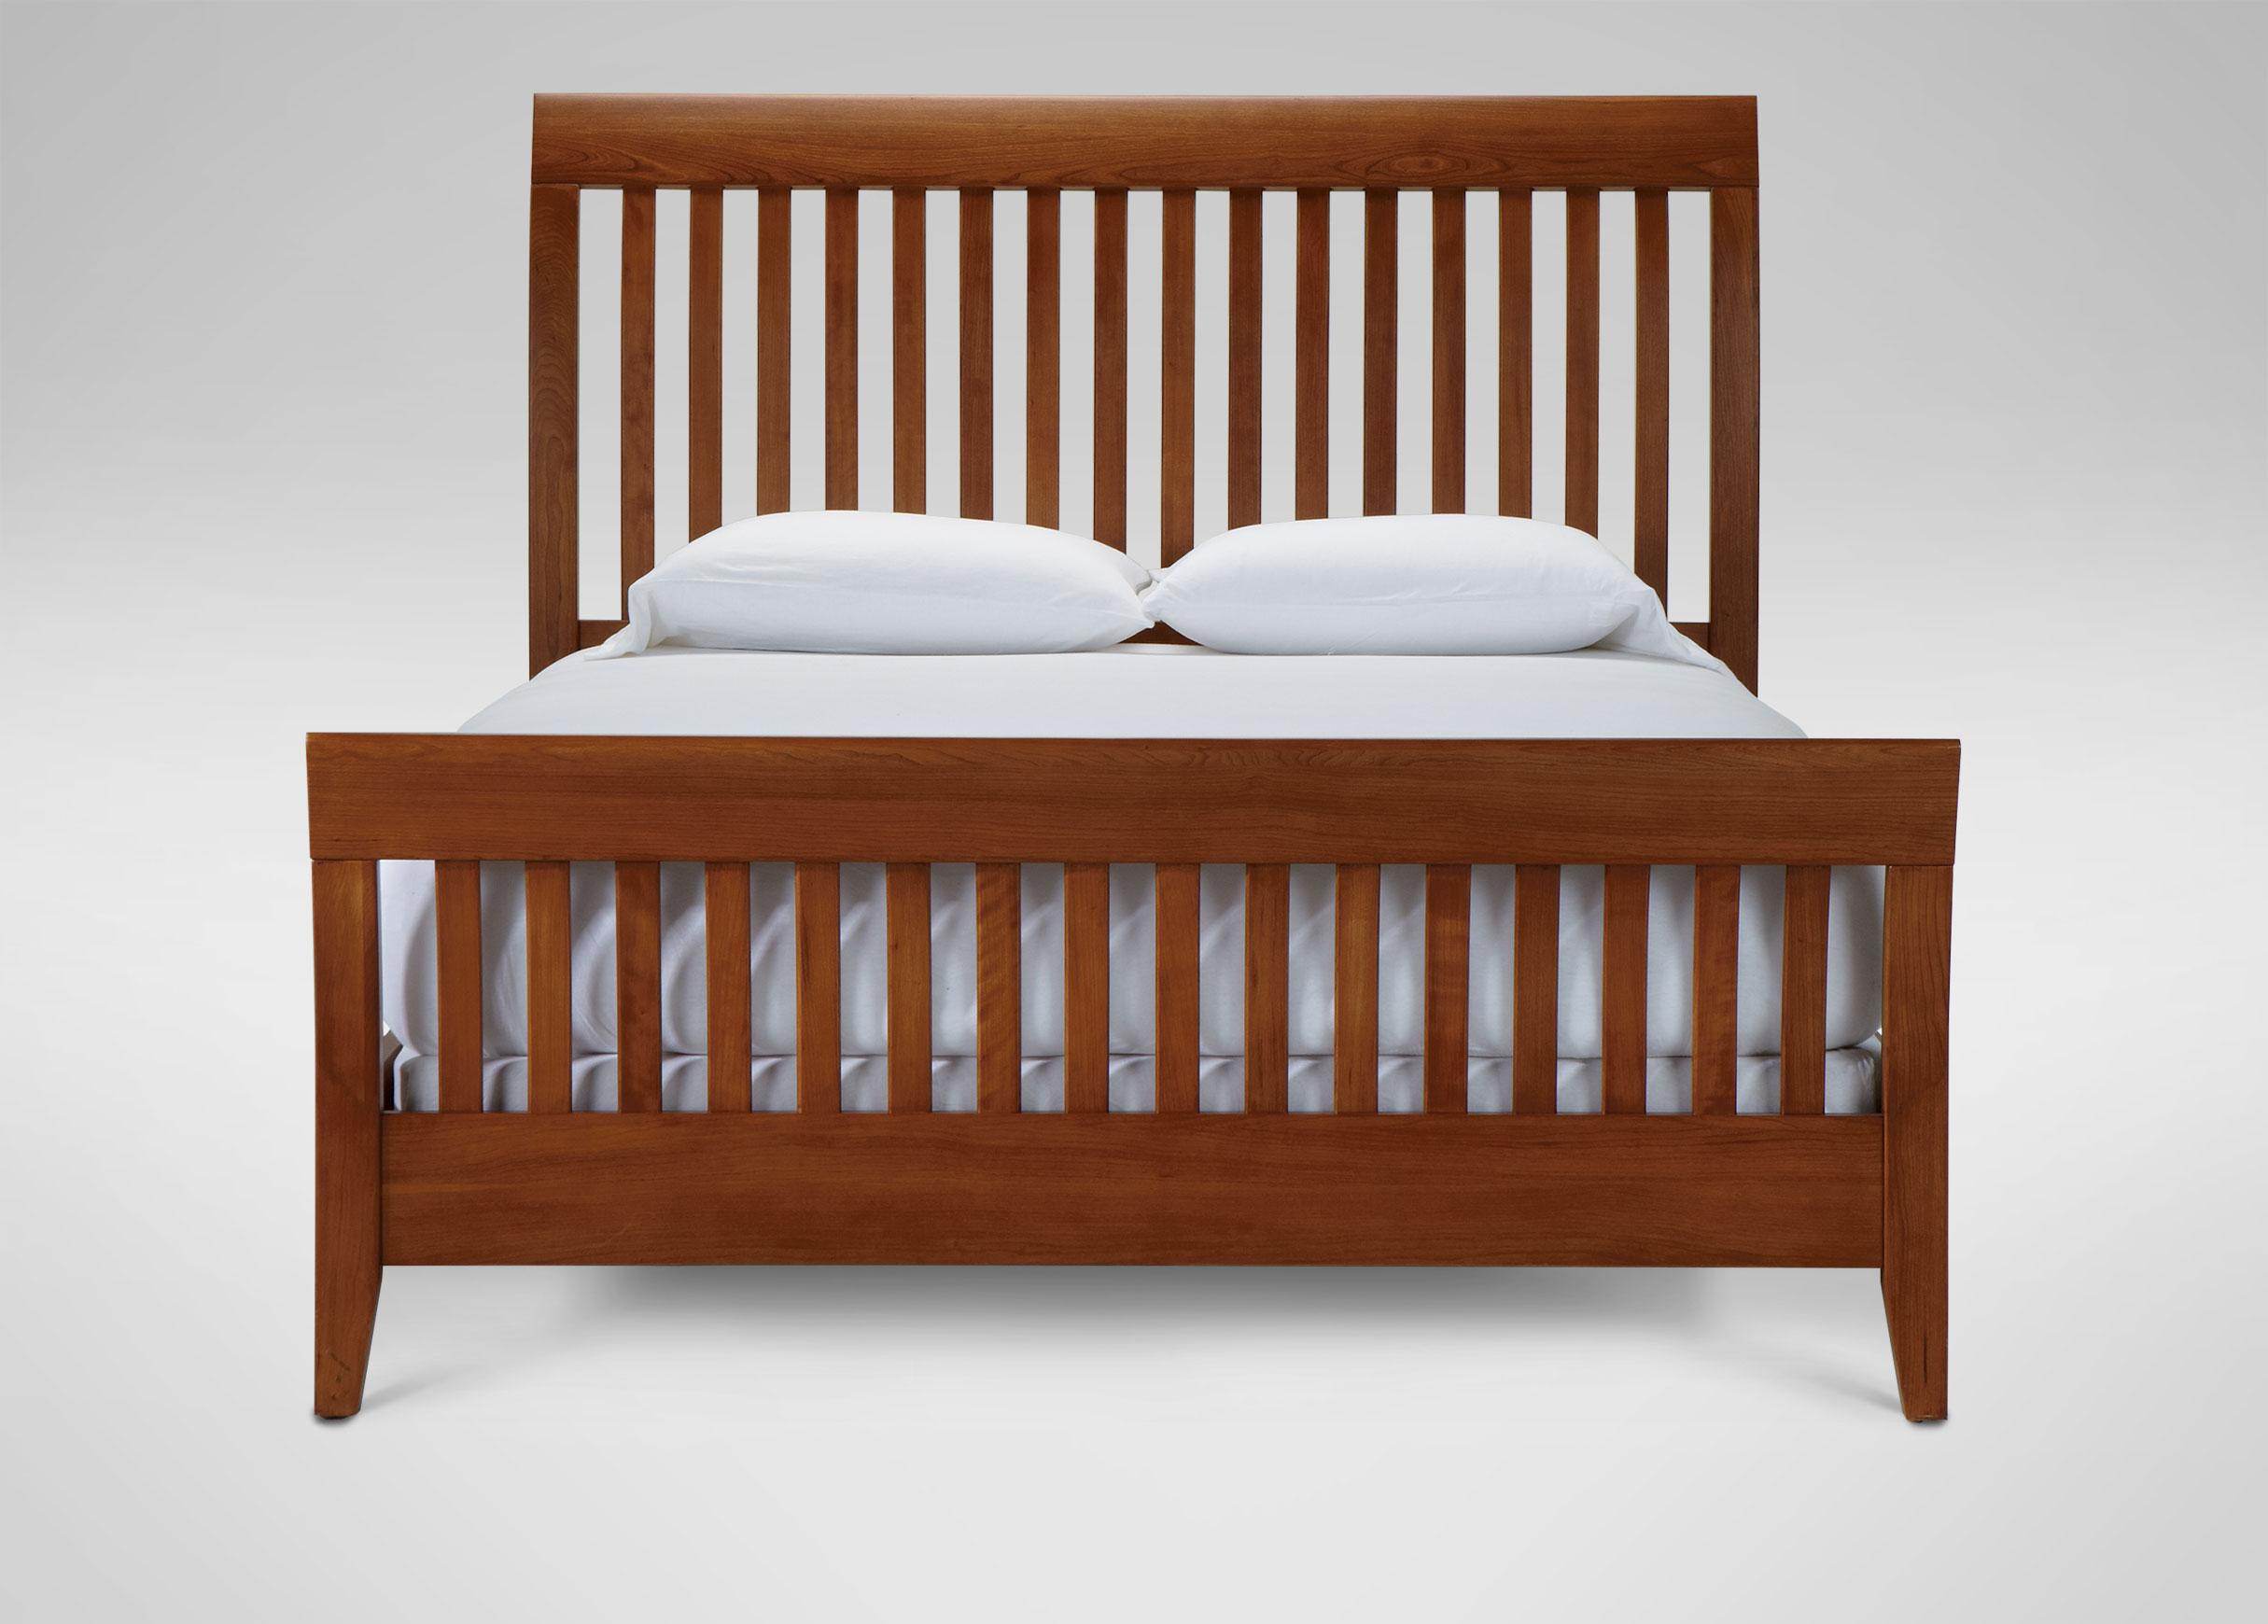 teagan sleigh bed beds ethan allen. Black Bedroom Furniture Sets. Home Design Ideas